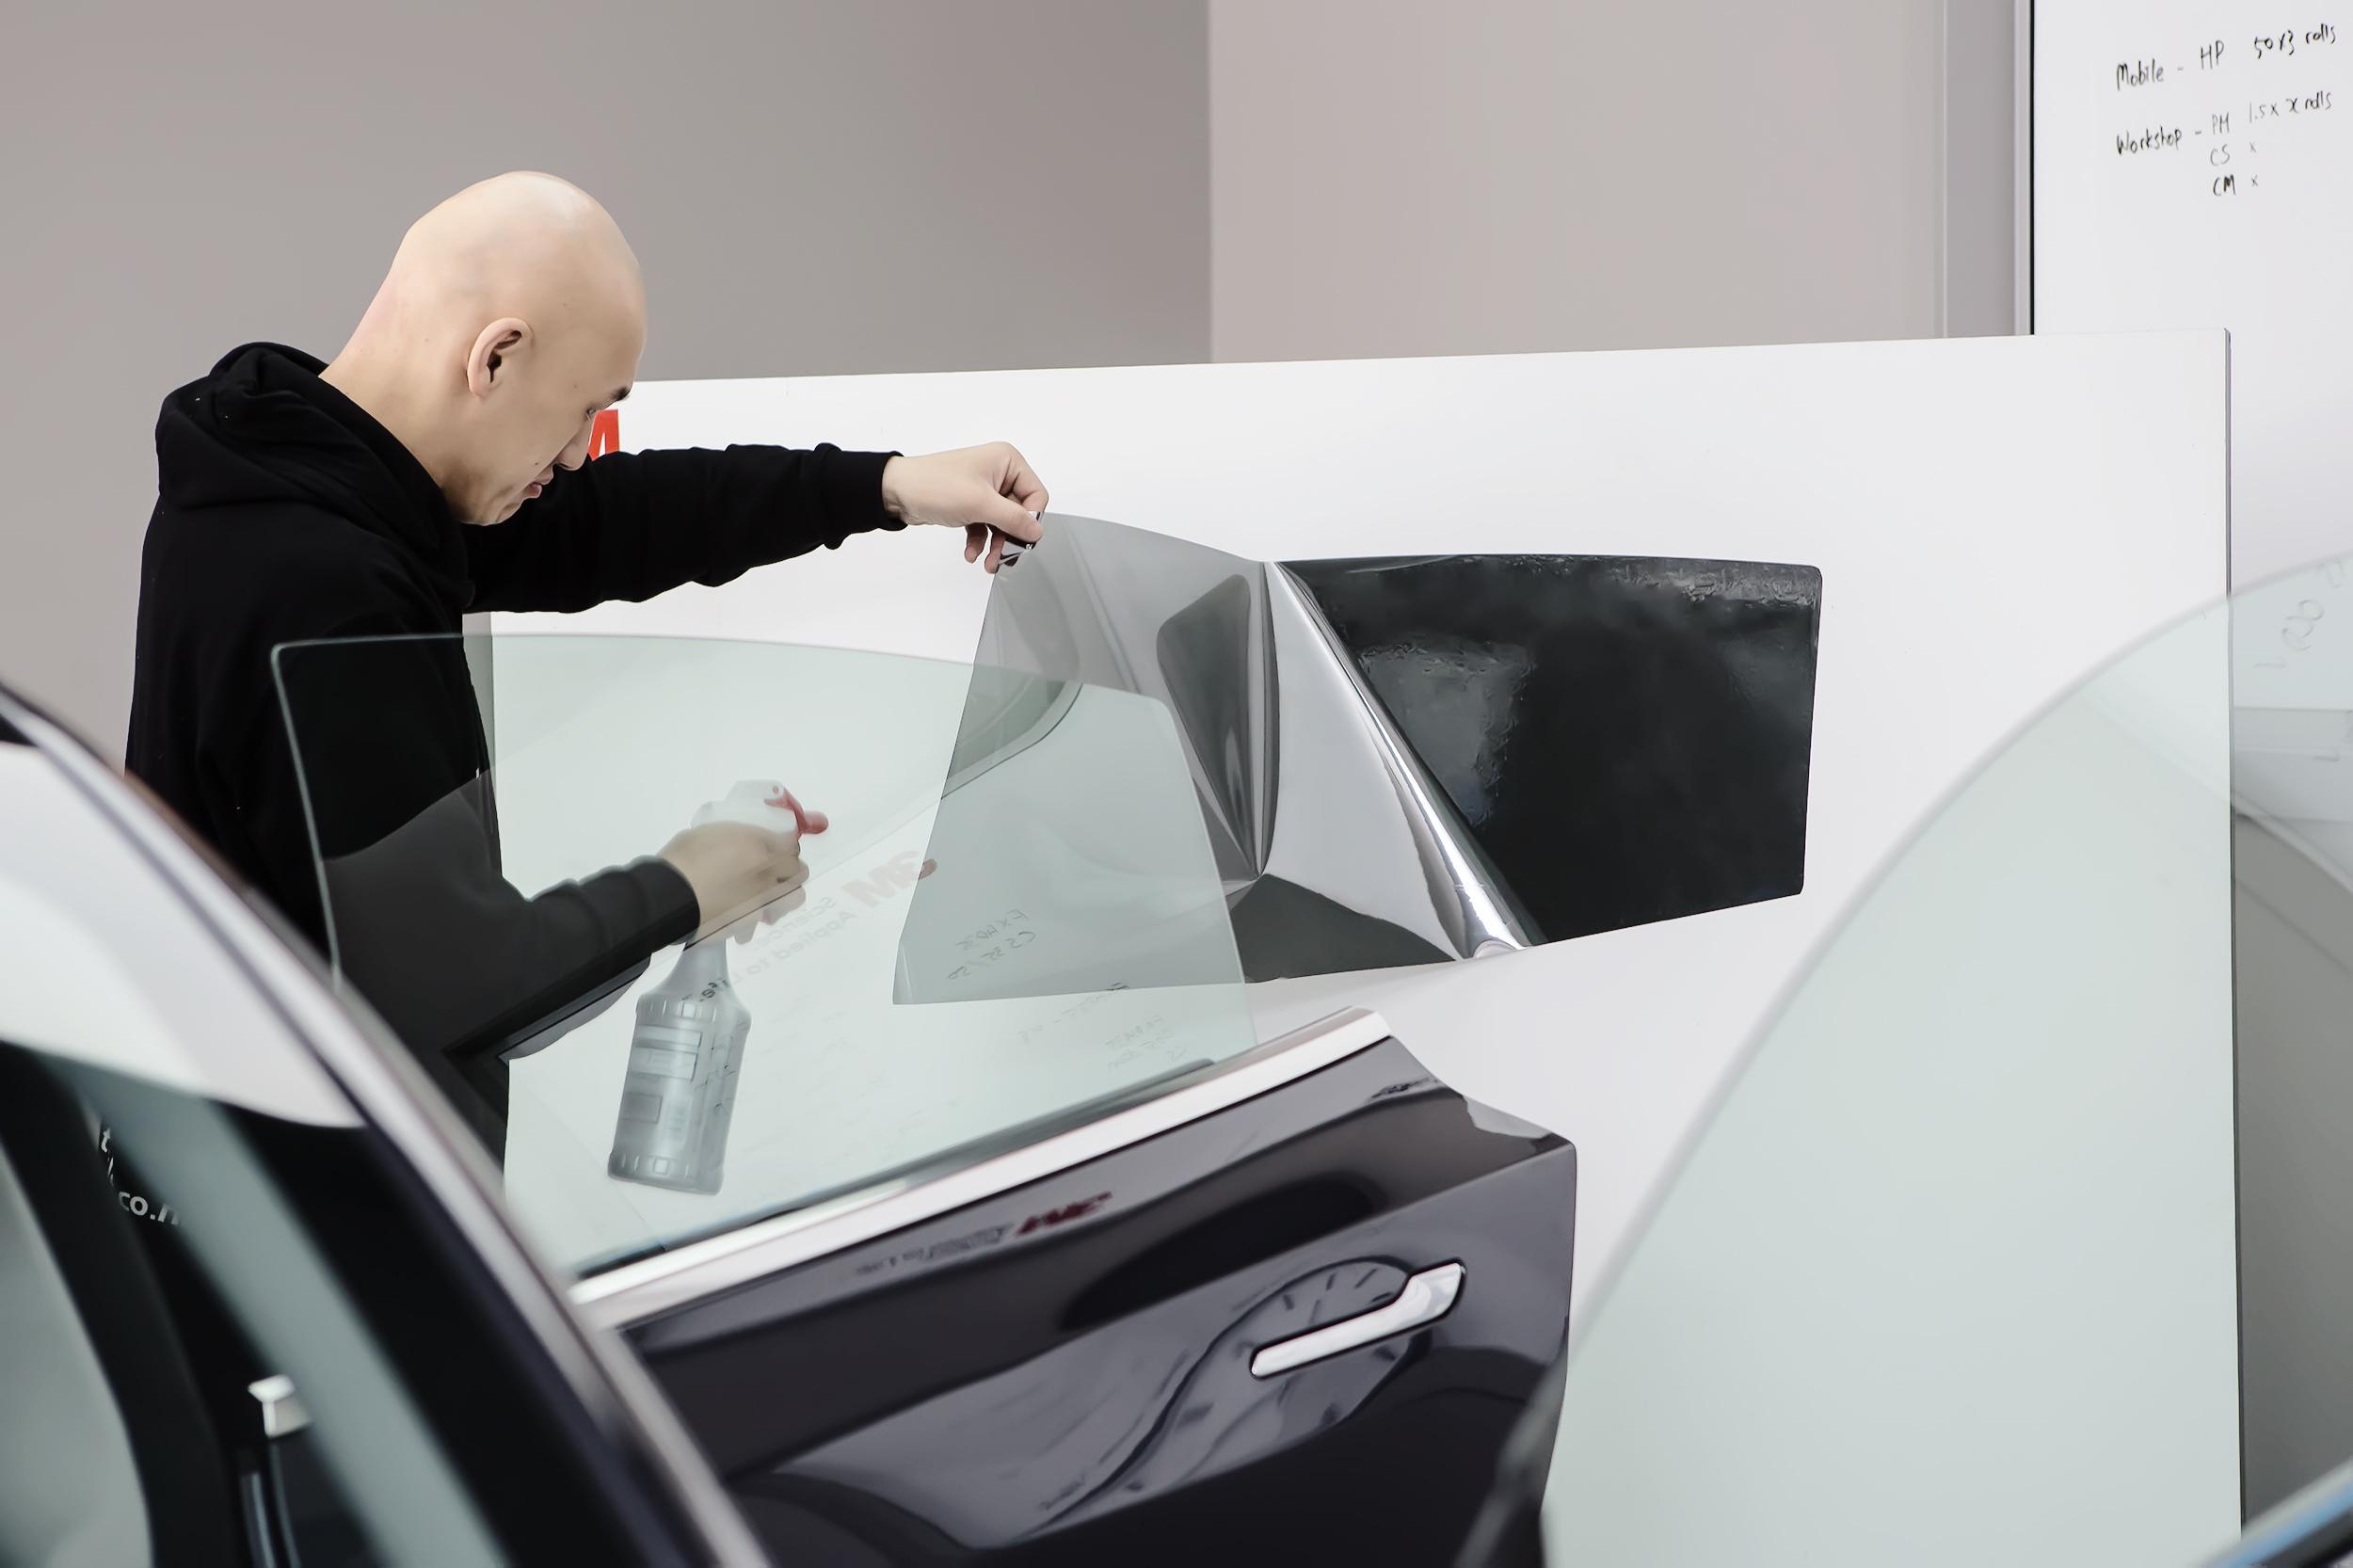 Vehicle: Tesla Model 3